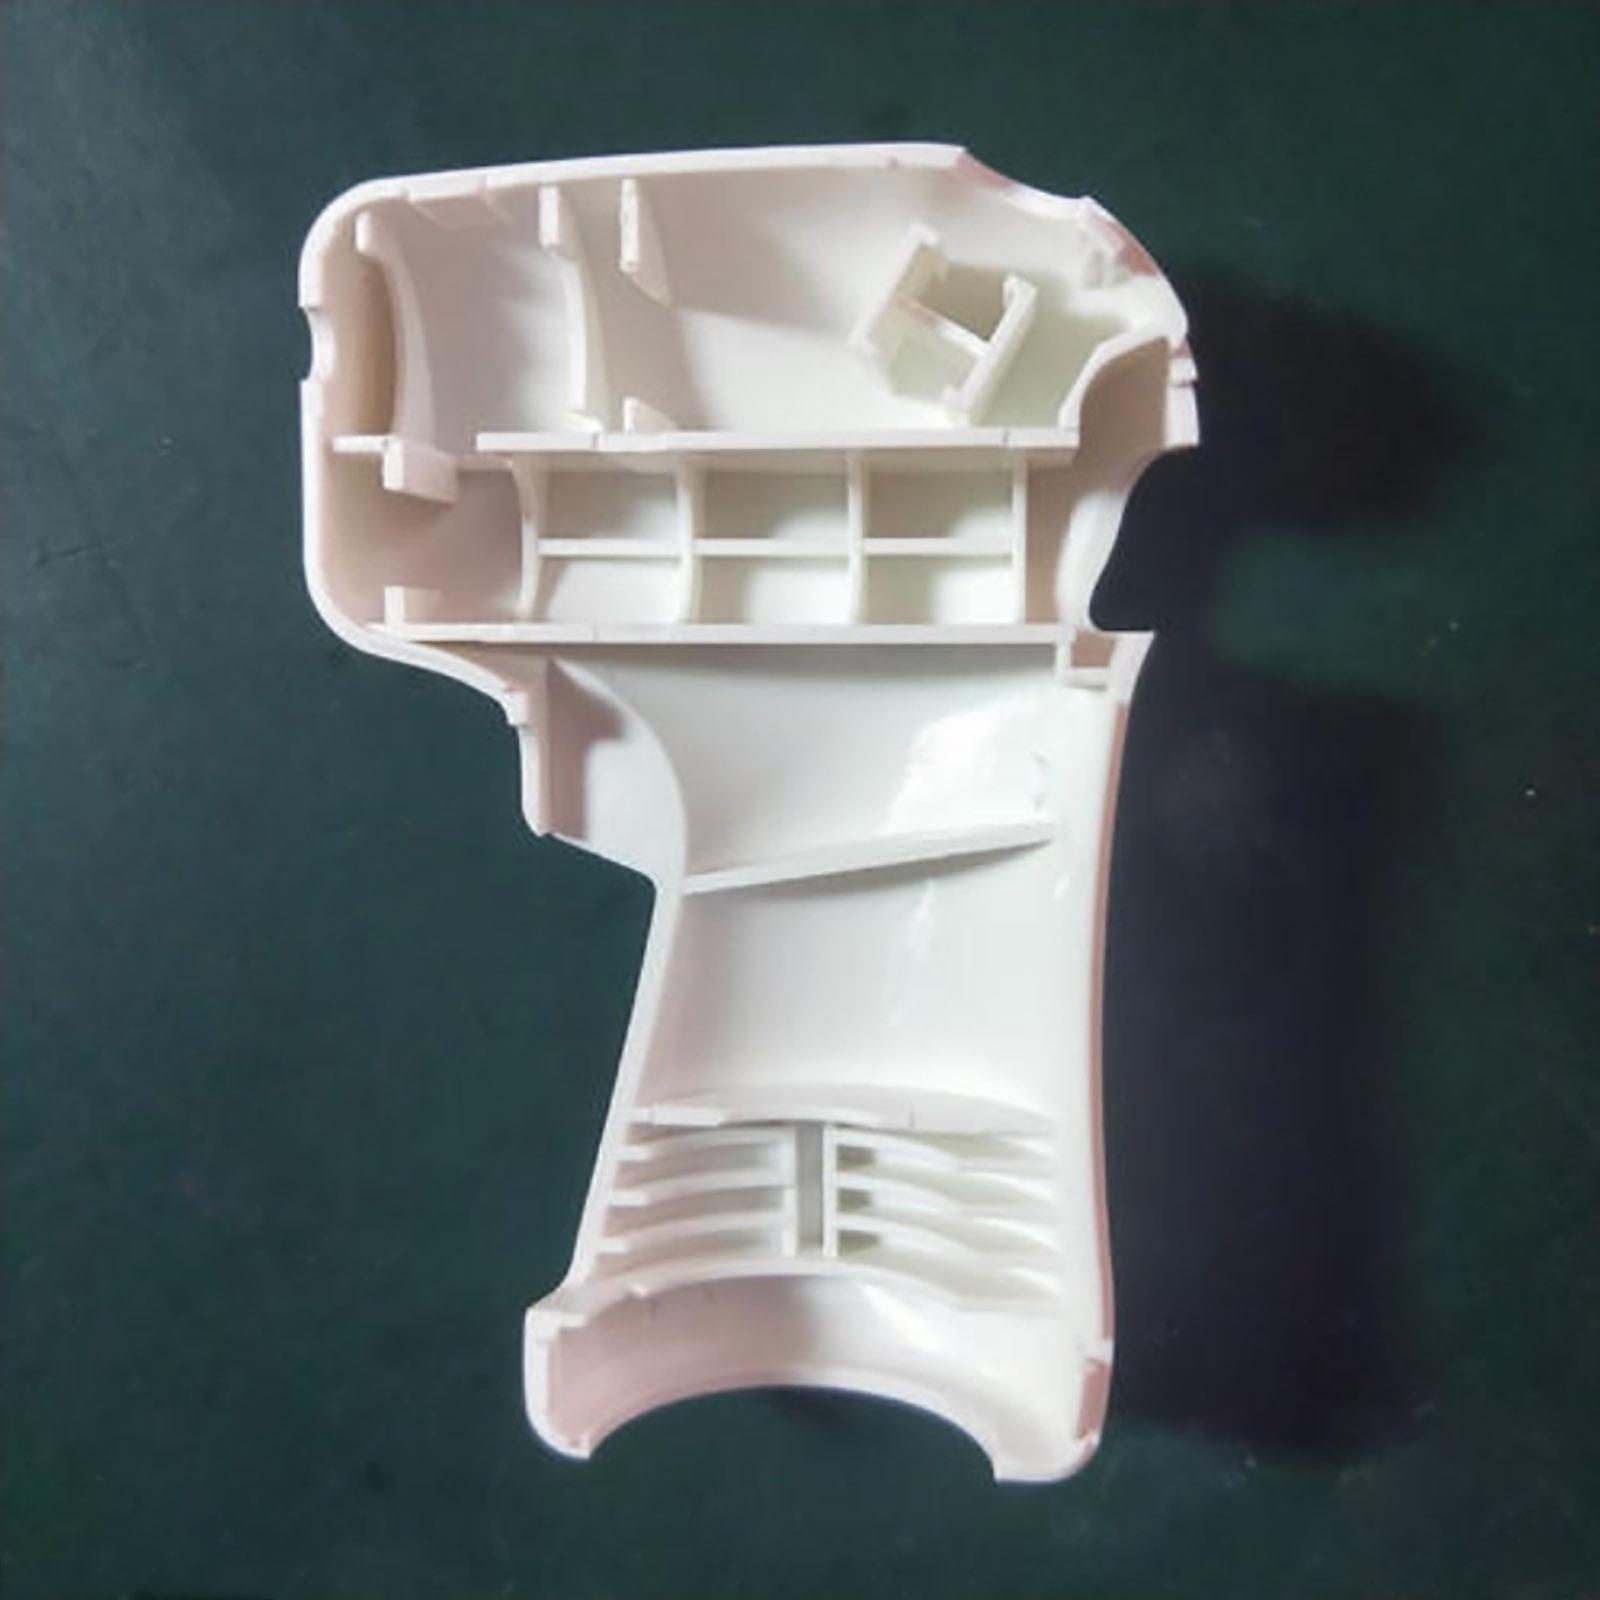 电动工具壳体01